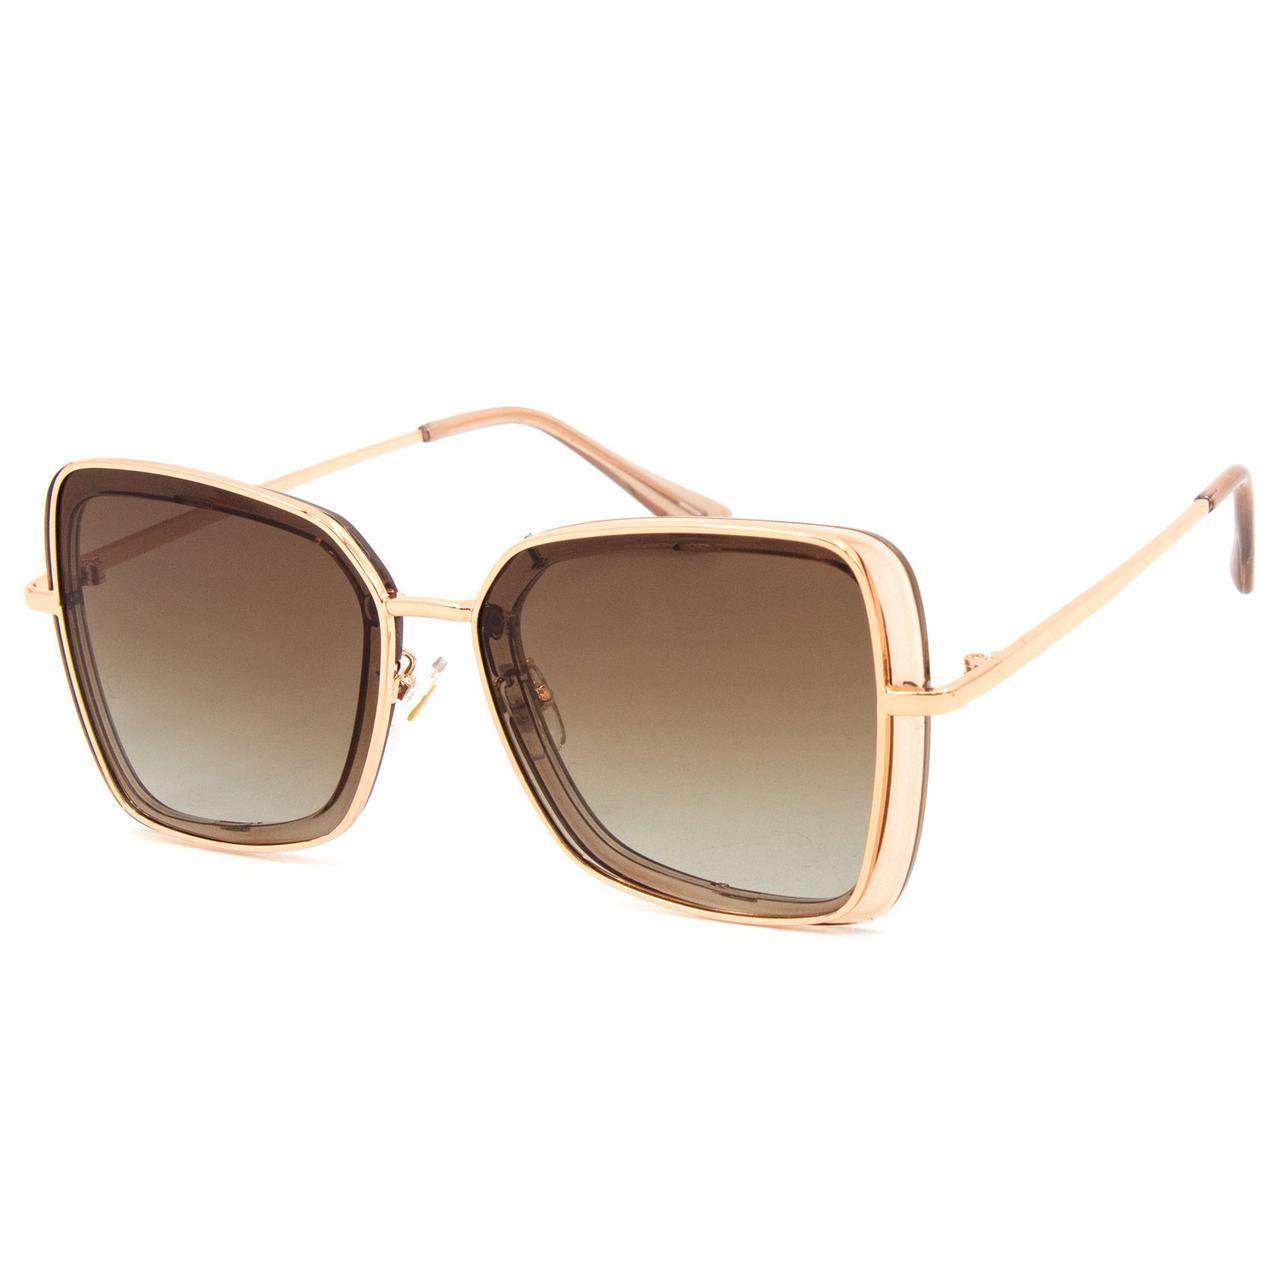 Солнцезащитные очки Marmilen Polar 3235 C5 бежевые    ( 3235-05 )